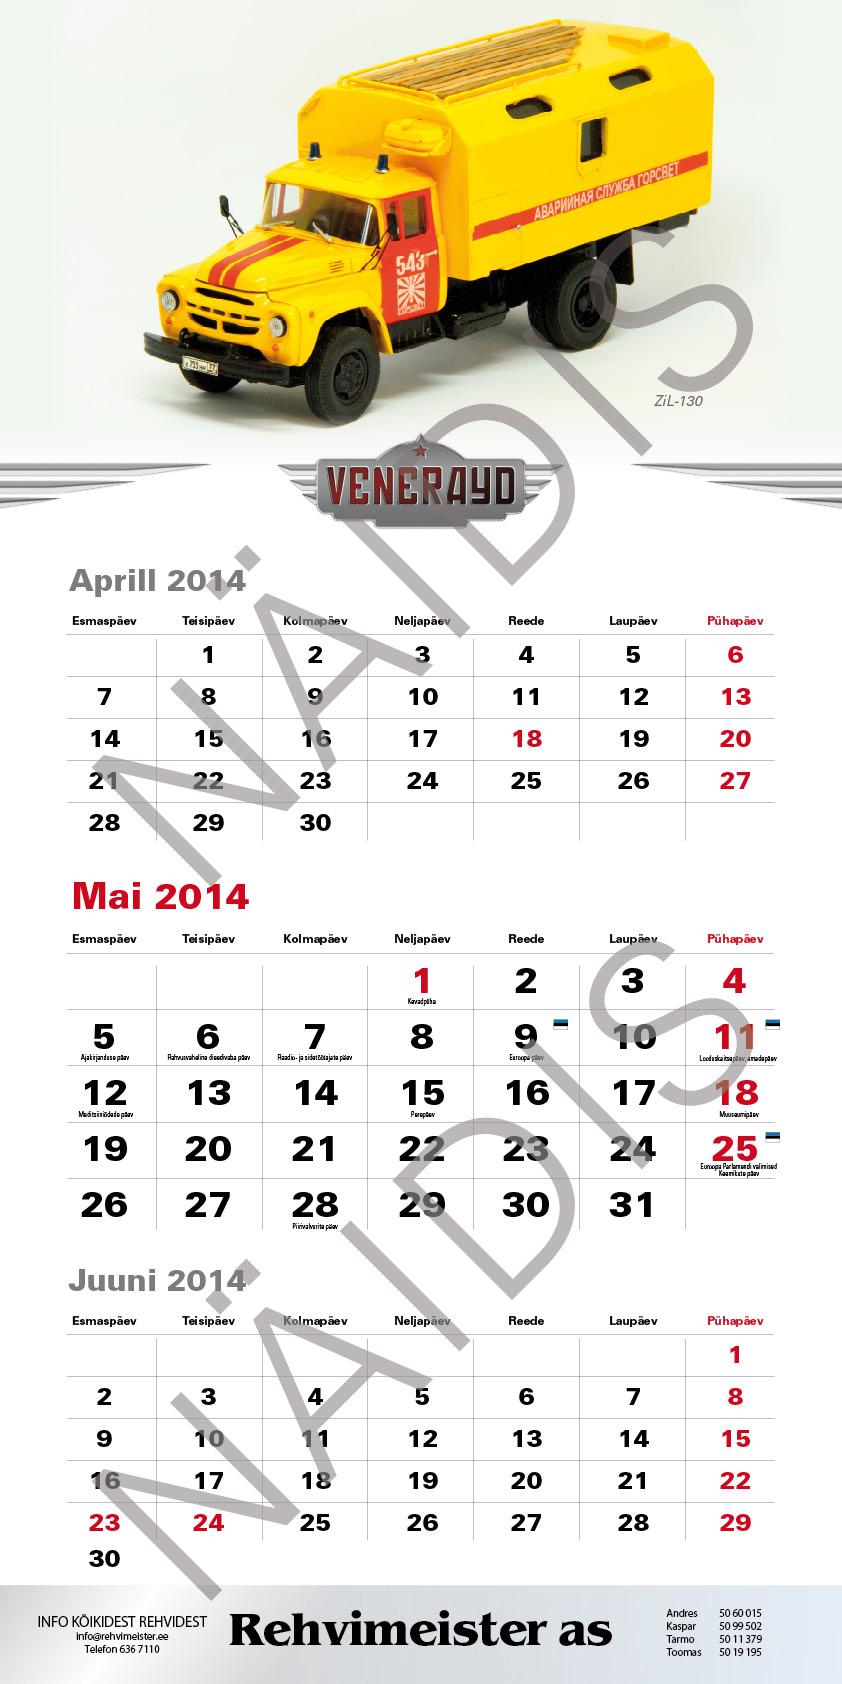 Veneraud_kalender_20146